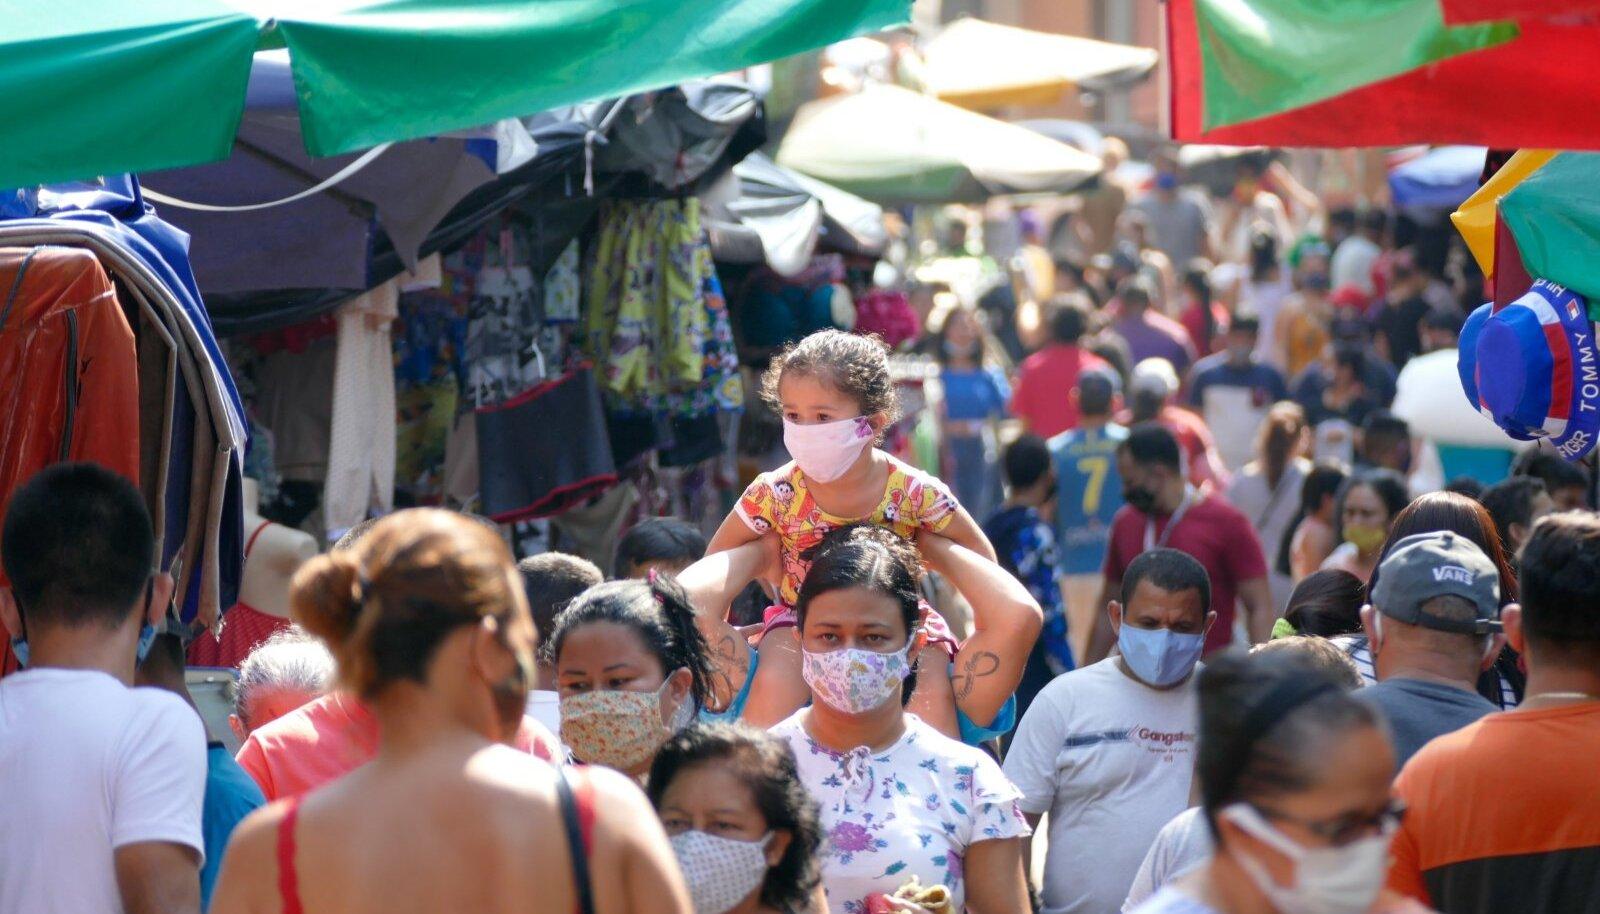 NÜÜDSEST MASKIGA: Augustis tehti Manause elanikele maski kandmine kohustuslikuks (reeglite rikkujatele rahatrahv). Suur rahvastikutihedus ja mitte piisav distantsi hoidmine võivad olla põhjused, miks oli Manaus kevade lõpus Brasiilia karmim epideemia tulipunkt. Nüüd võib linnas olla saavutatud mingil tasemel karjaimmuunsus.